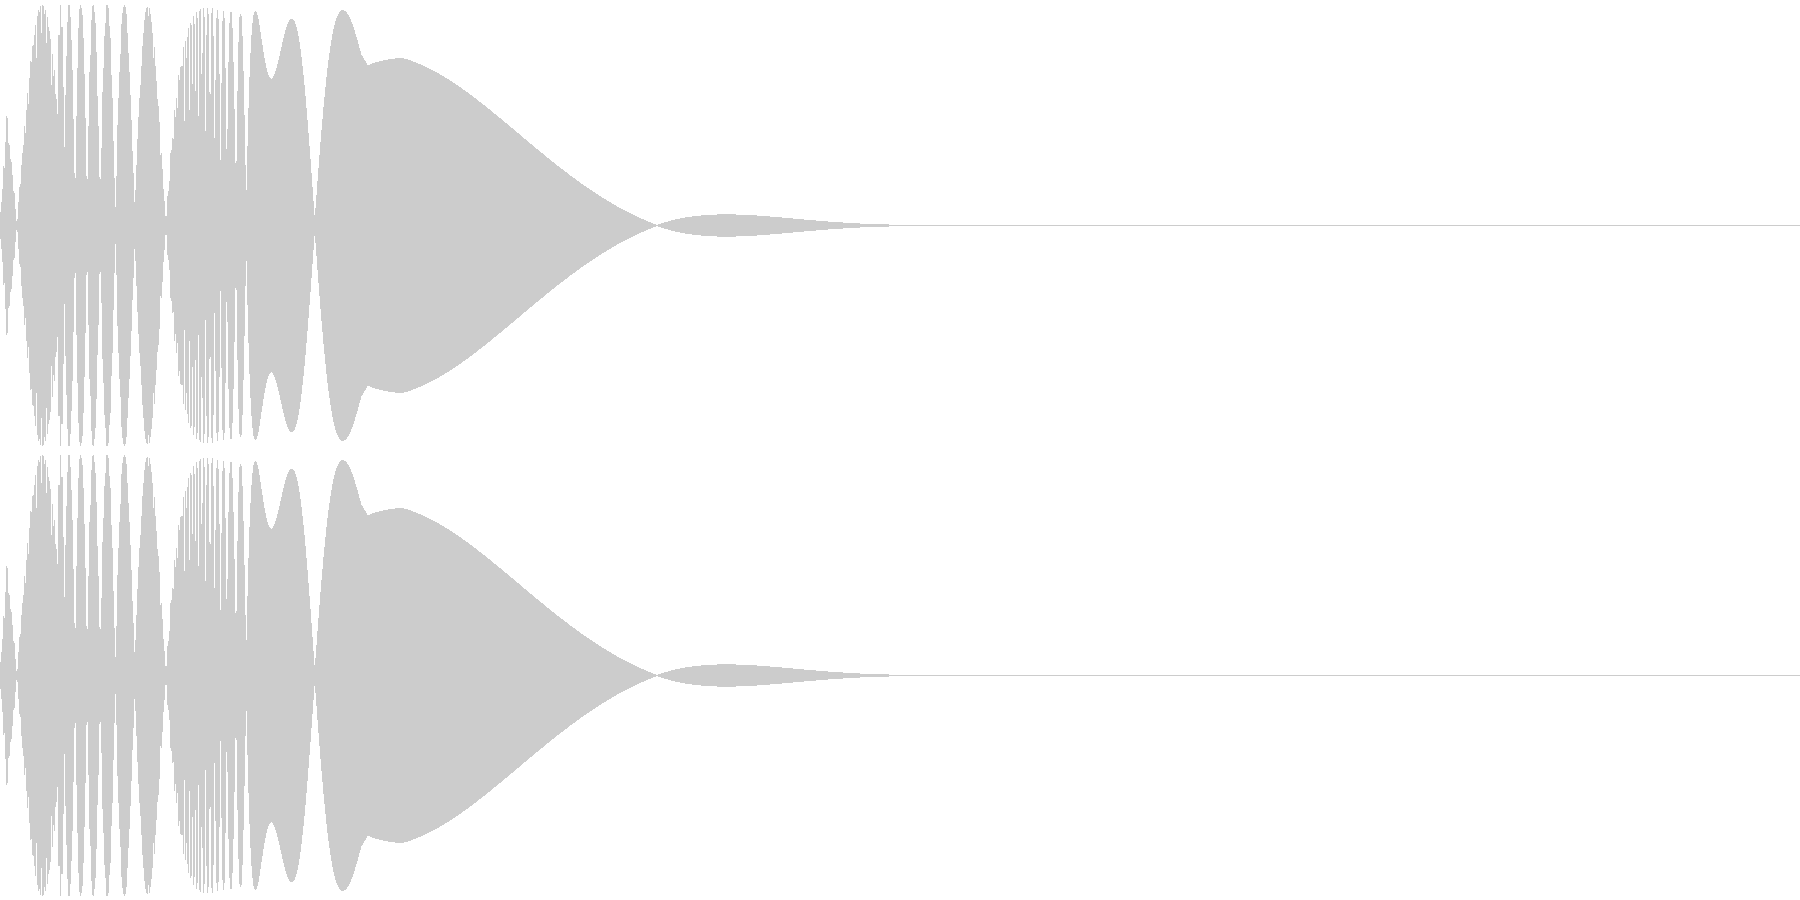 ピュン!(ファミコン/キック/低音の未再生の波形